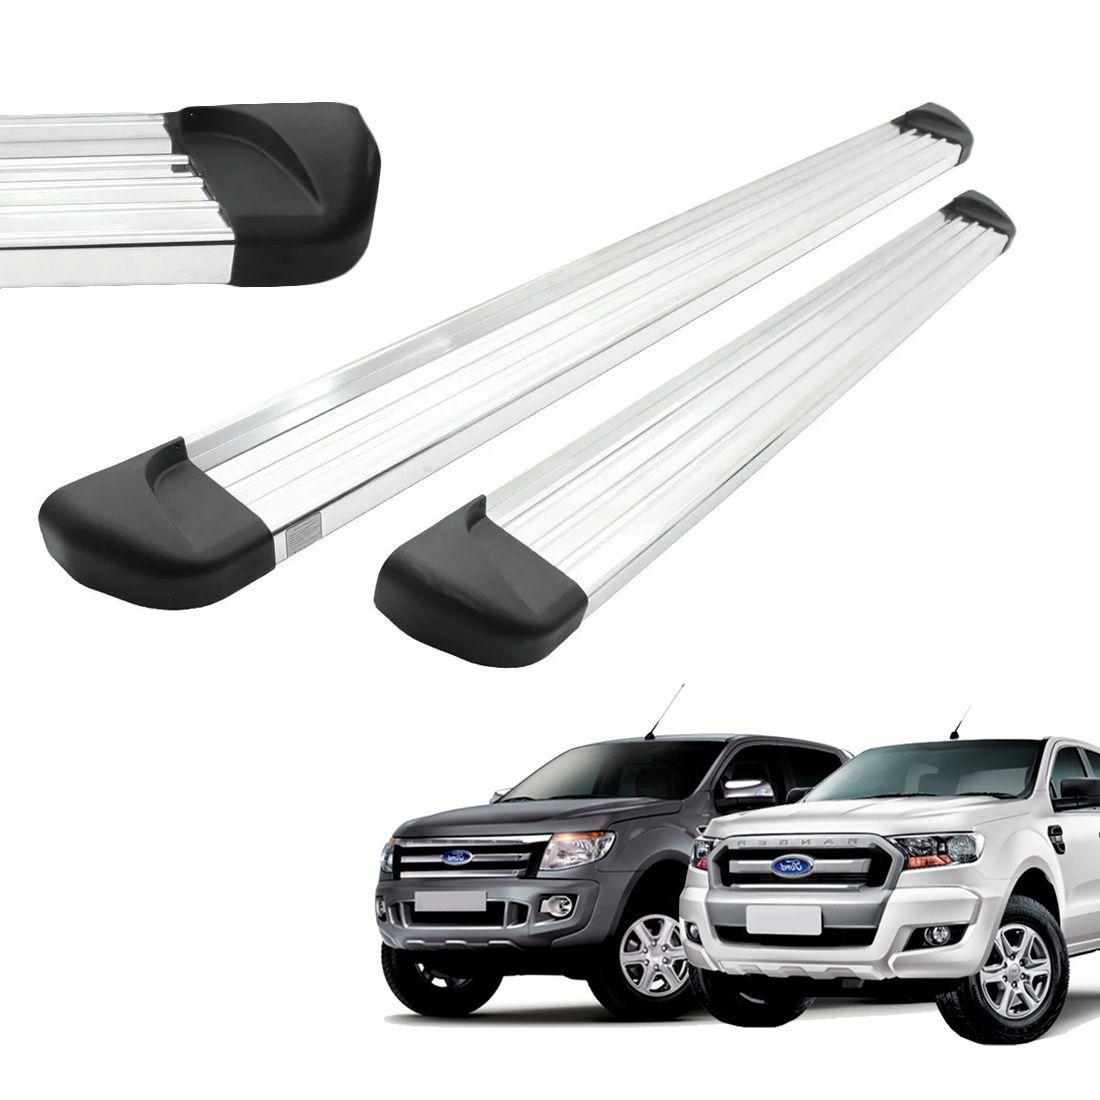 Estribo Aluminio Polido Cabine Dupla Ranger 2013 a 2018 2019 2020